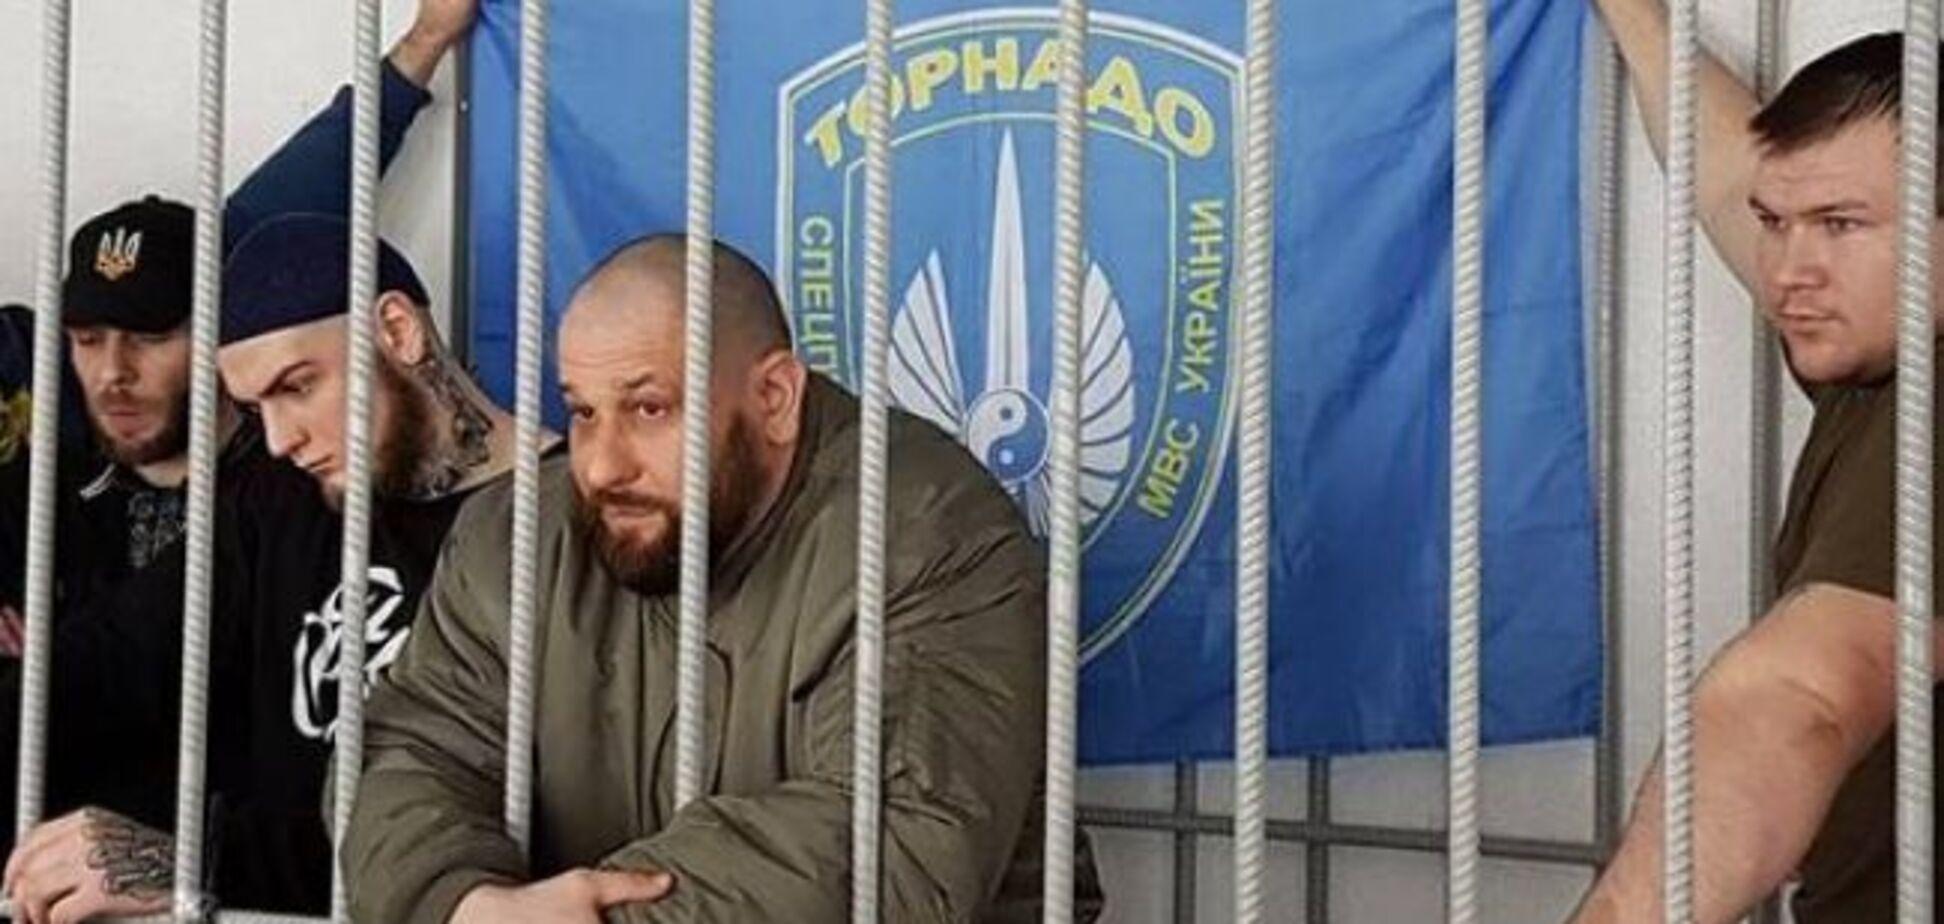 Флаг со свастикой и оружие: раскрыта тайна опасной находки в камере 'торнадовцев'